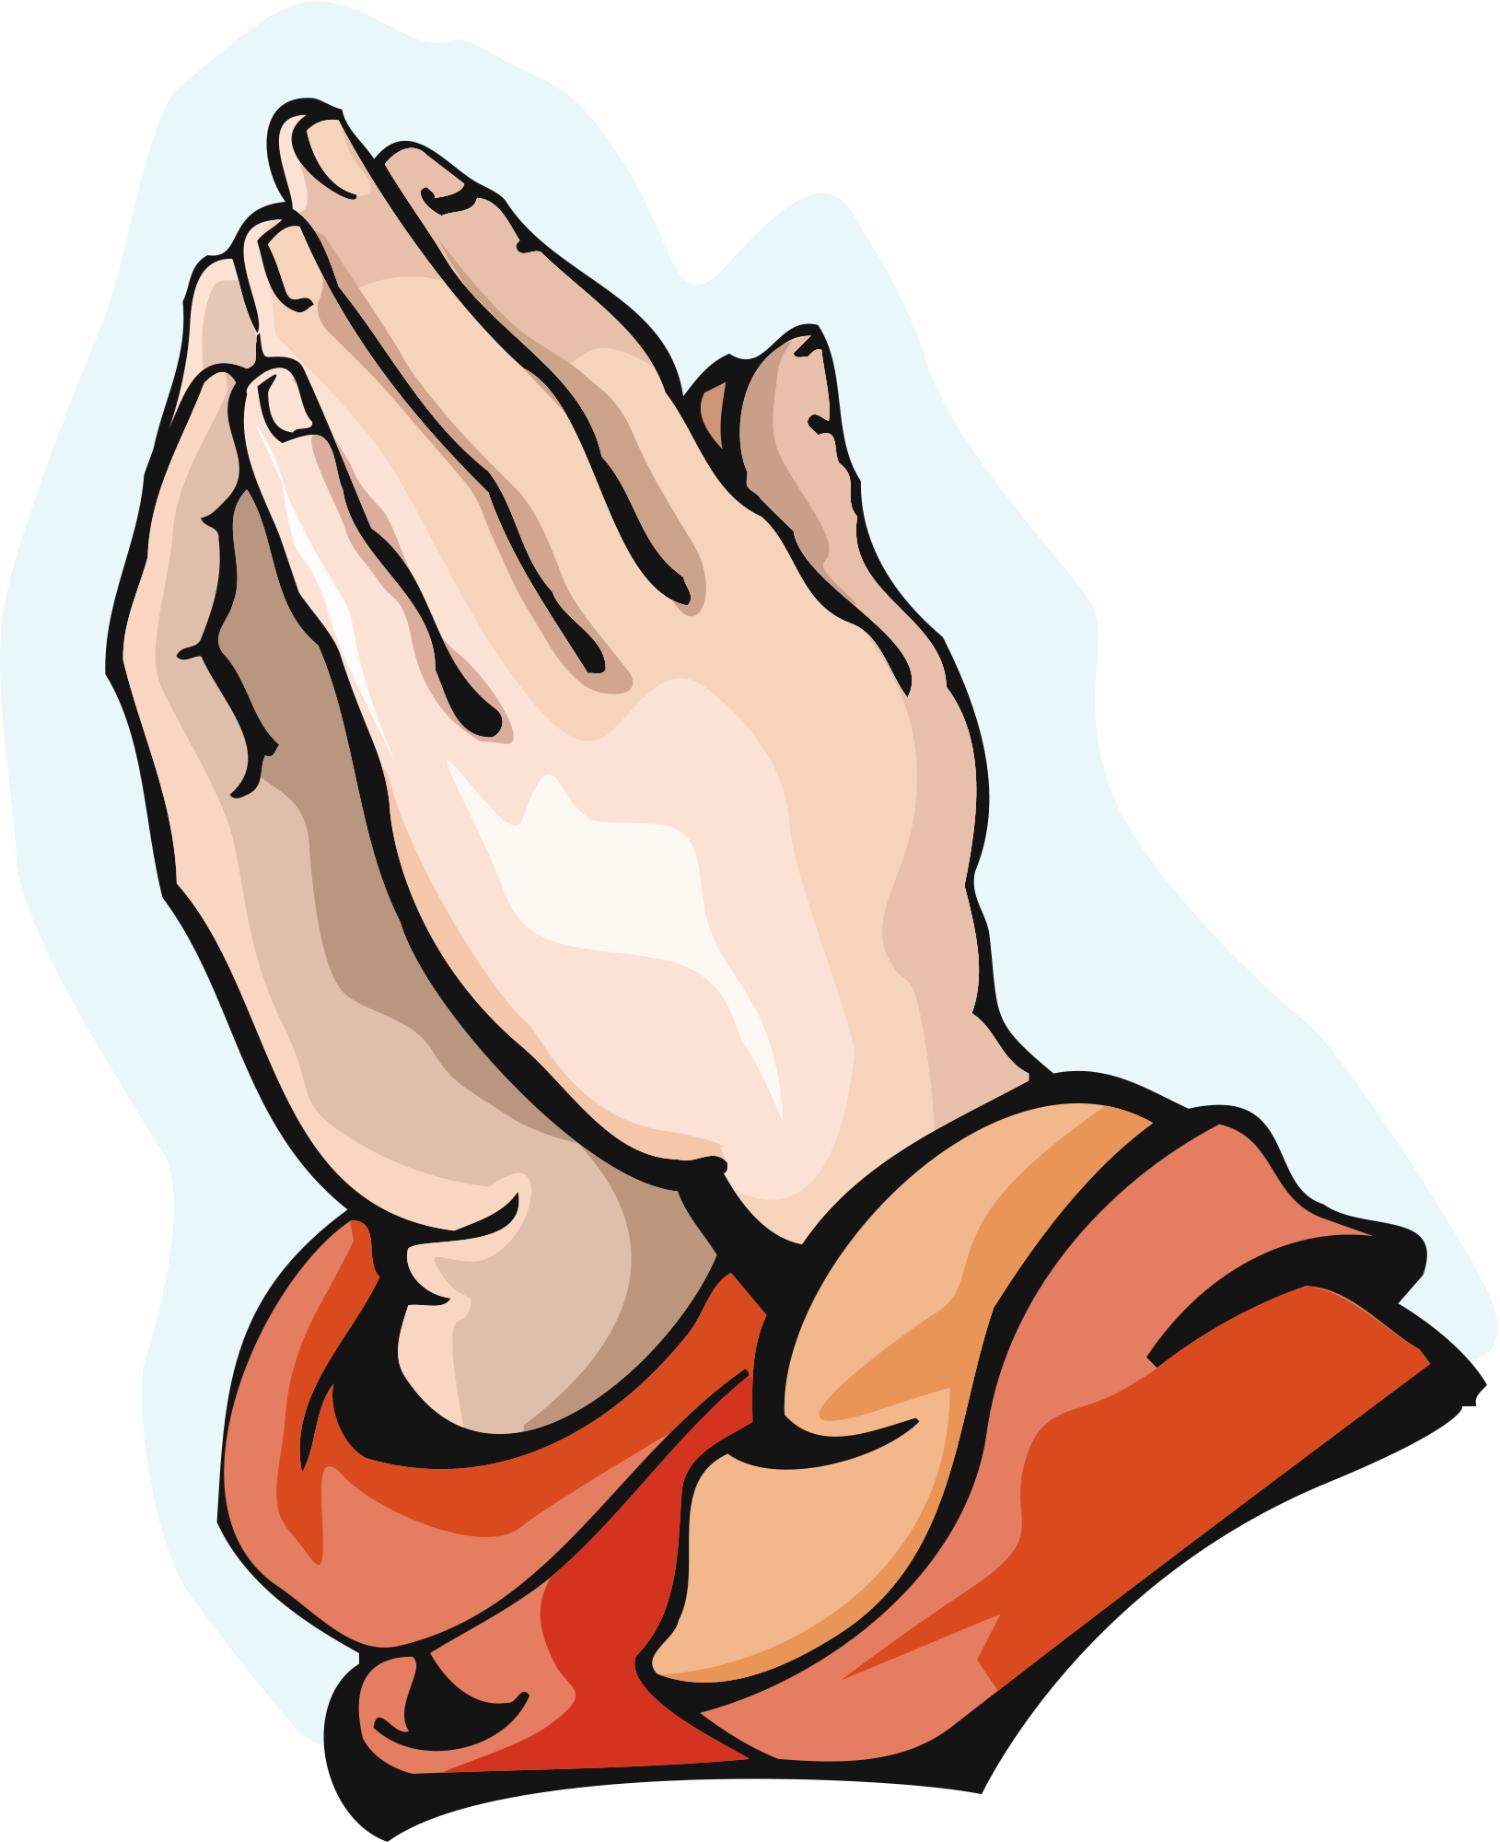 Man Praying Cartoon - ClipArt Best